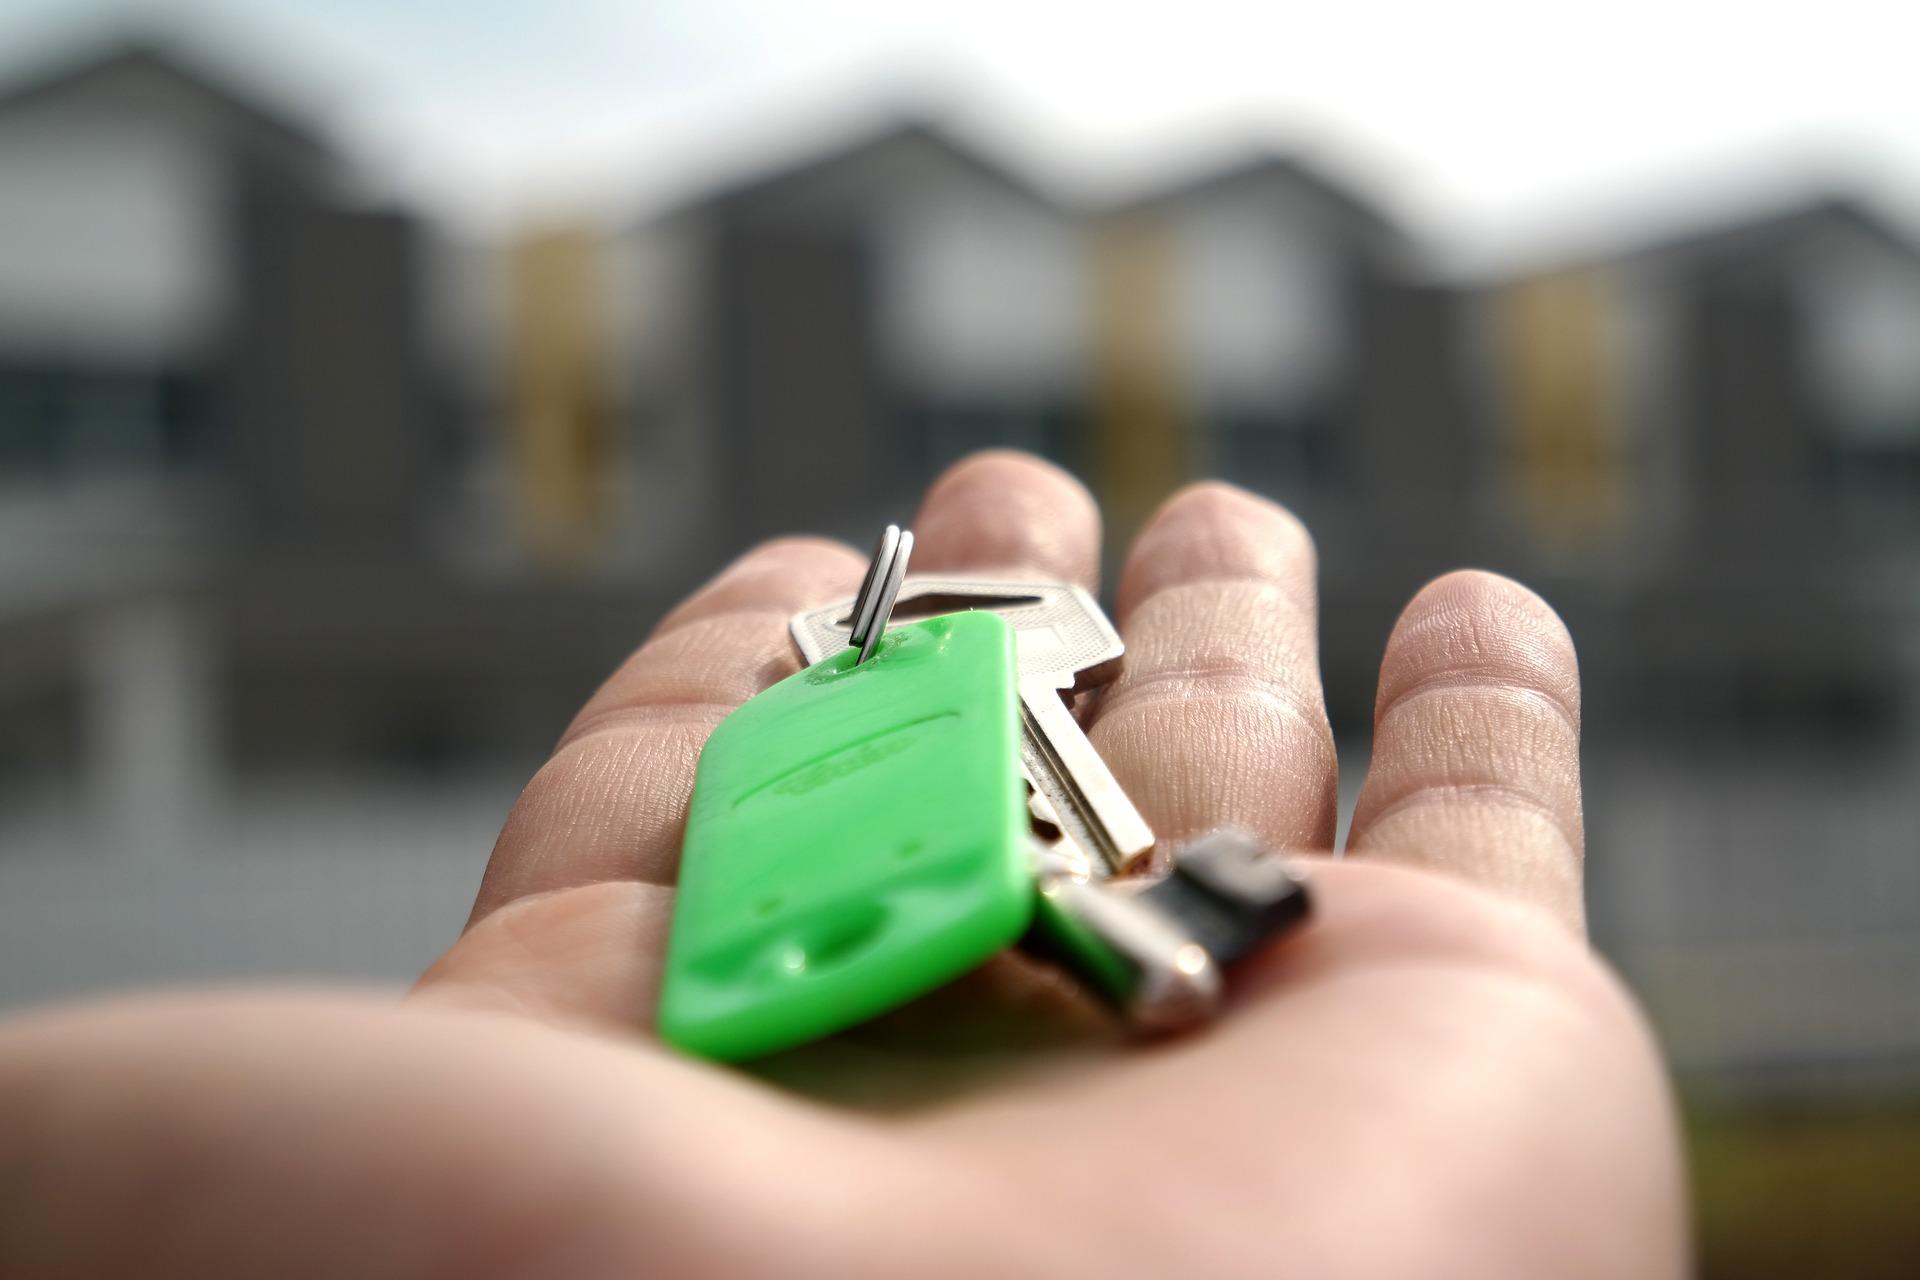 Zoom sur un trousseau de clés posé dans une main